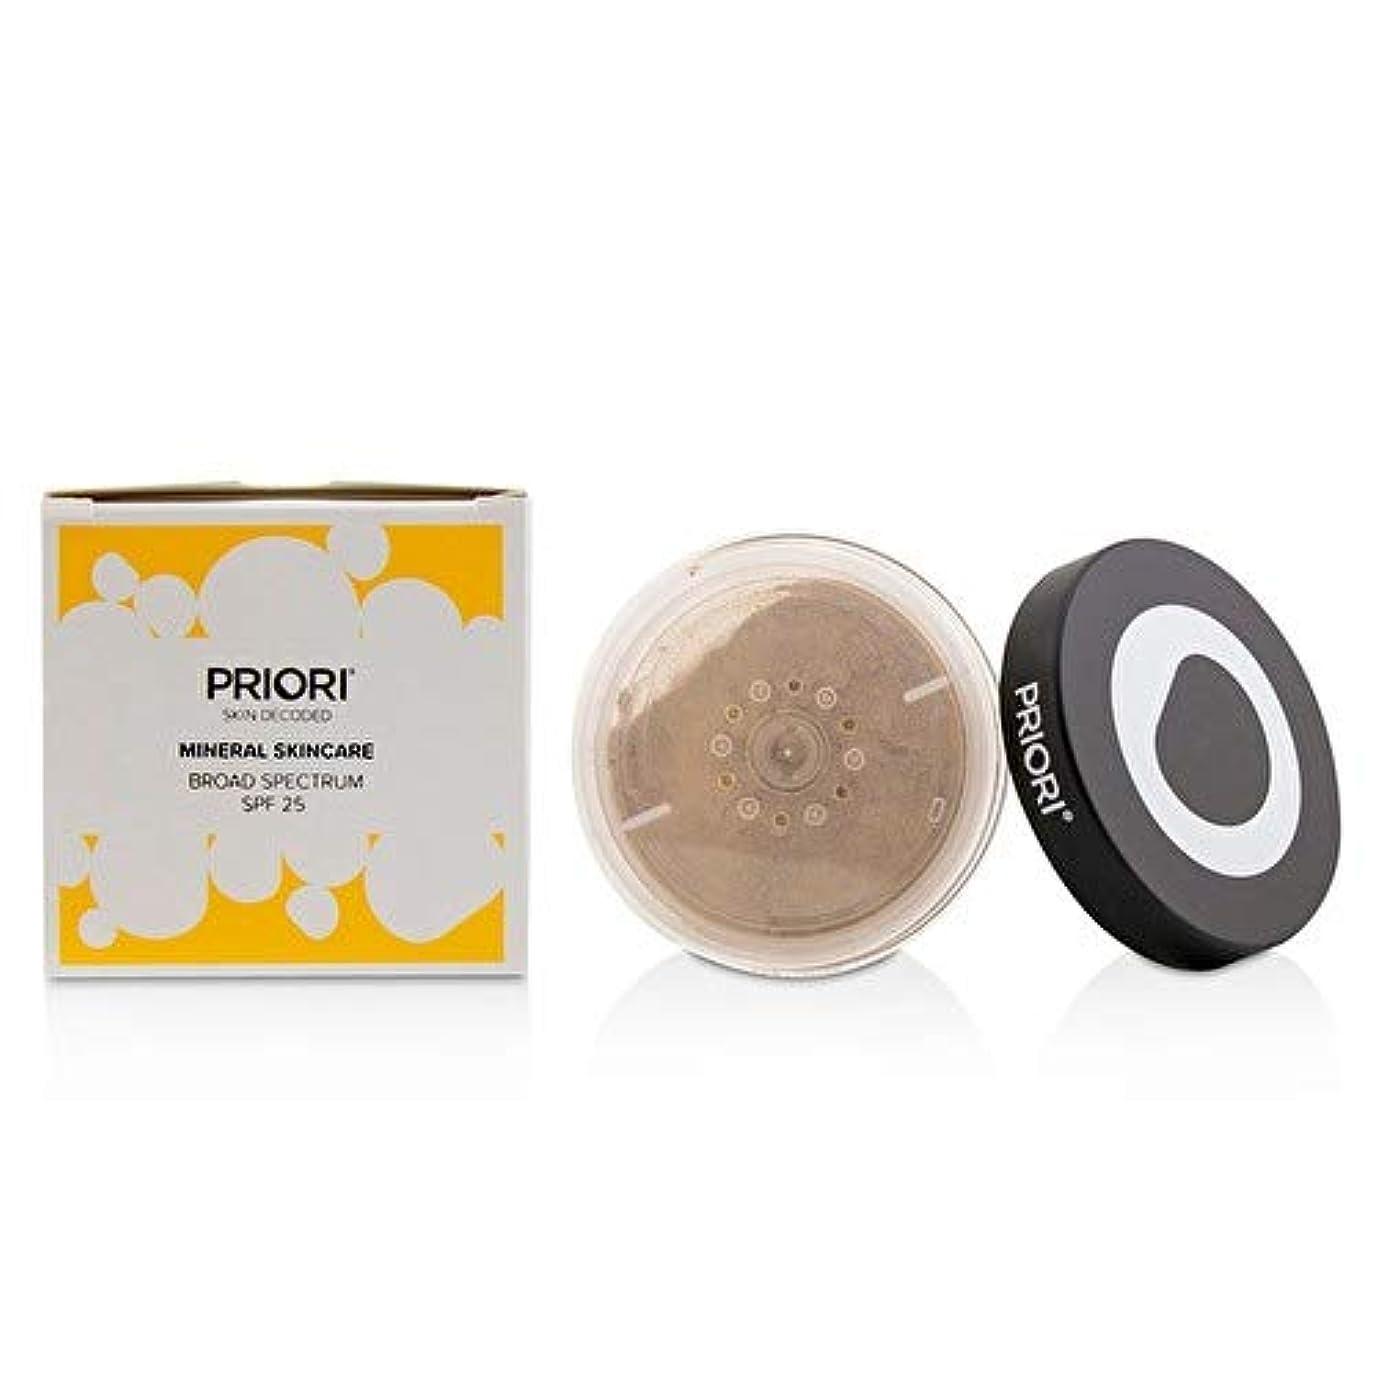 まもなく防水精算プリオリ Mineral Skincare Broad Spectrum SPF25 - # Shade 3 (Fx353) 6.5g/0.23oz並行輸入品